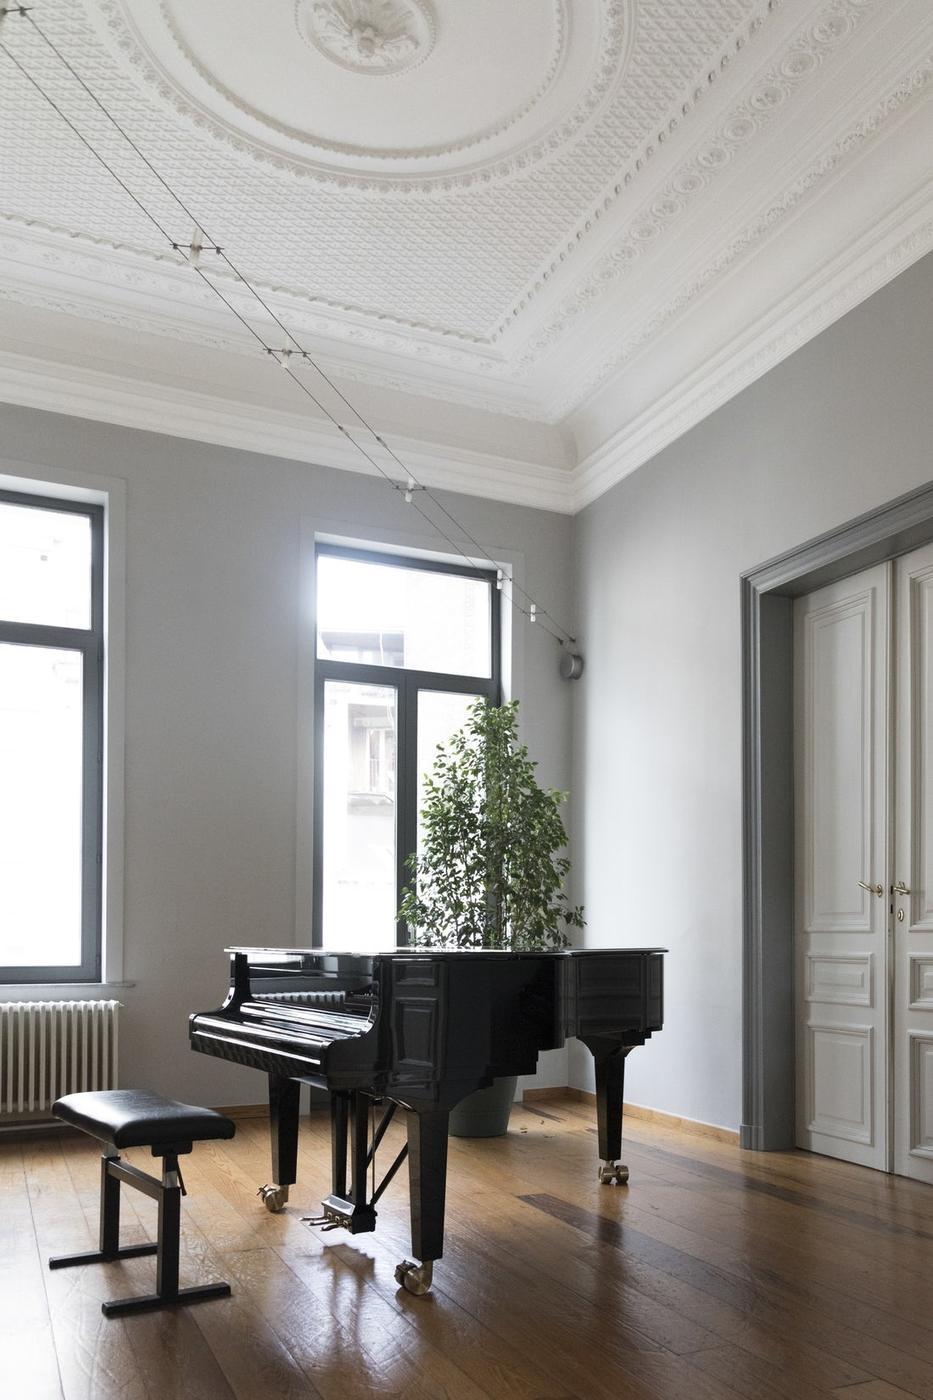 Unelmalista: flyygeli ja huone, jossa soi